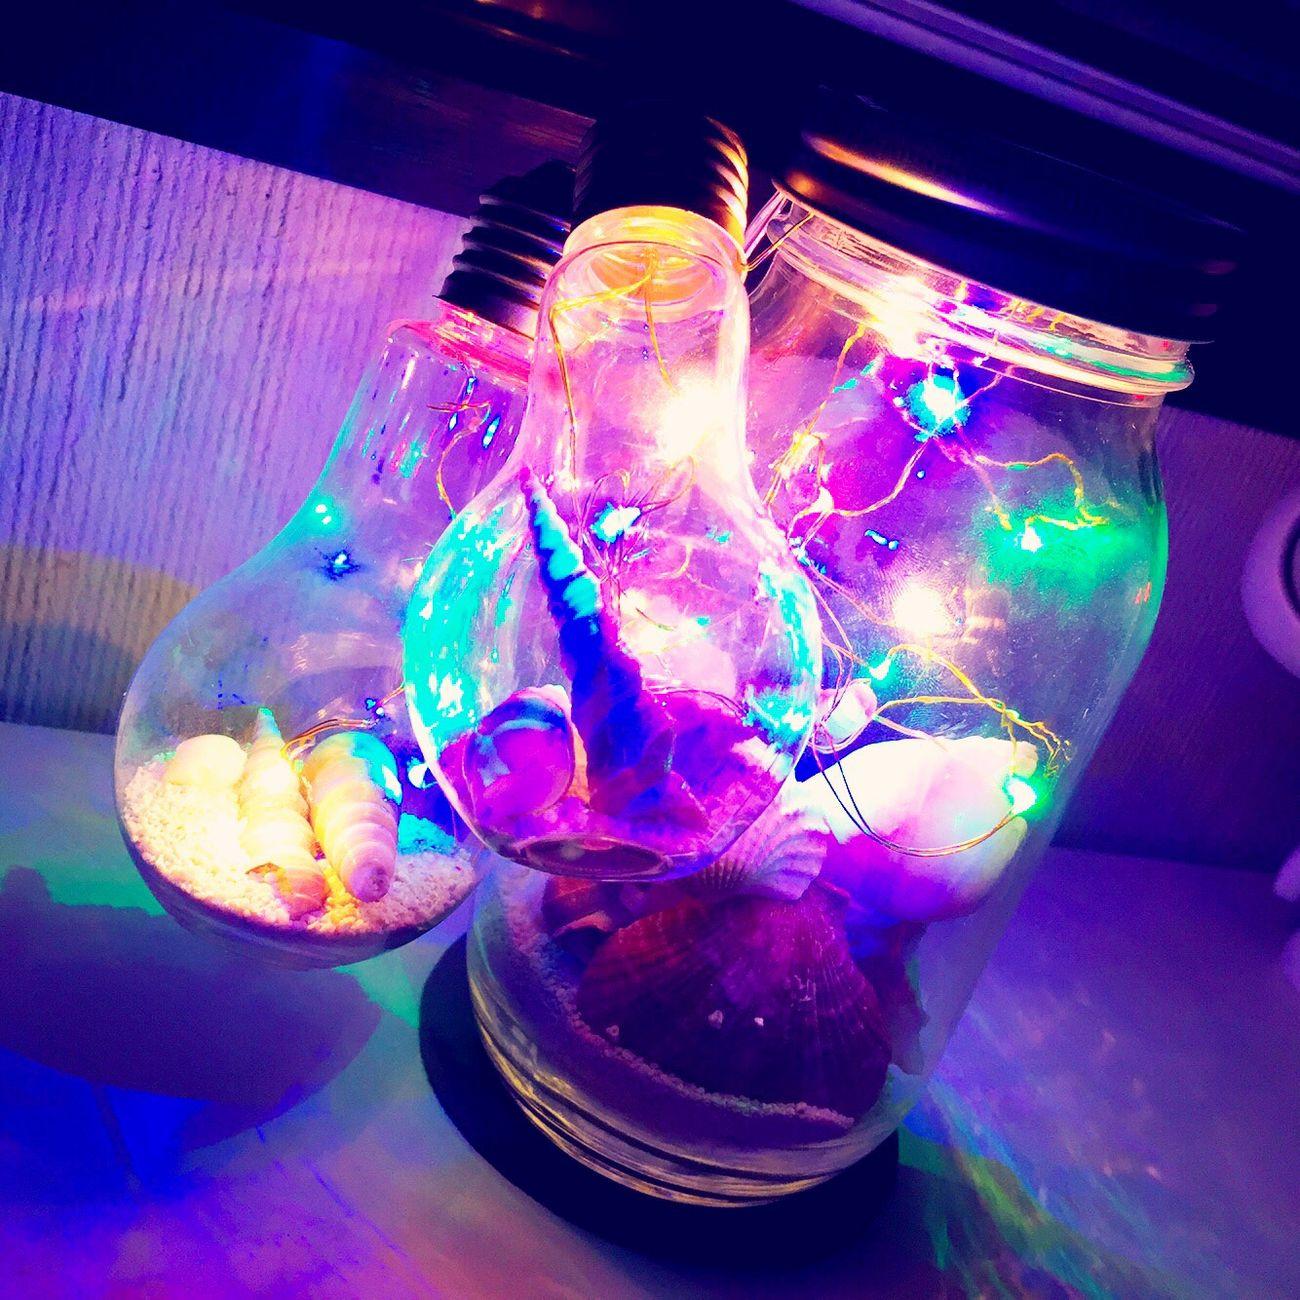 手造りランプ❤️ Summer Enjoying Life 海 Sea ランプ Handmade Lamp Beautiful Shell 上出来 貝殻